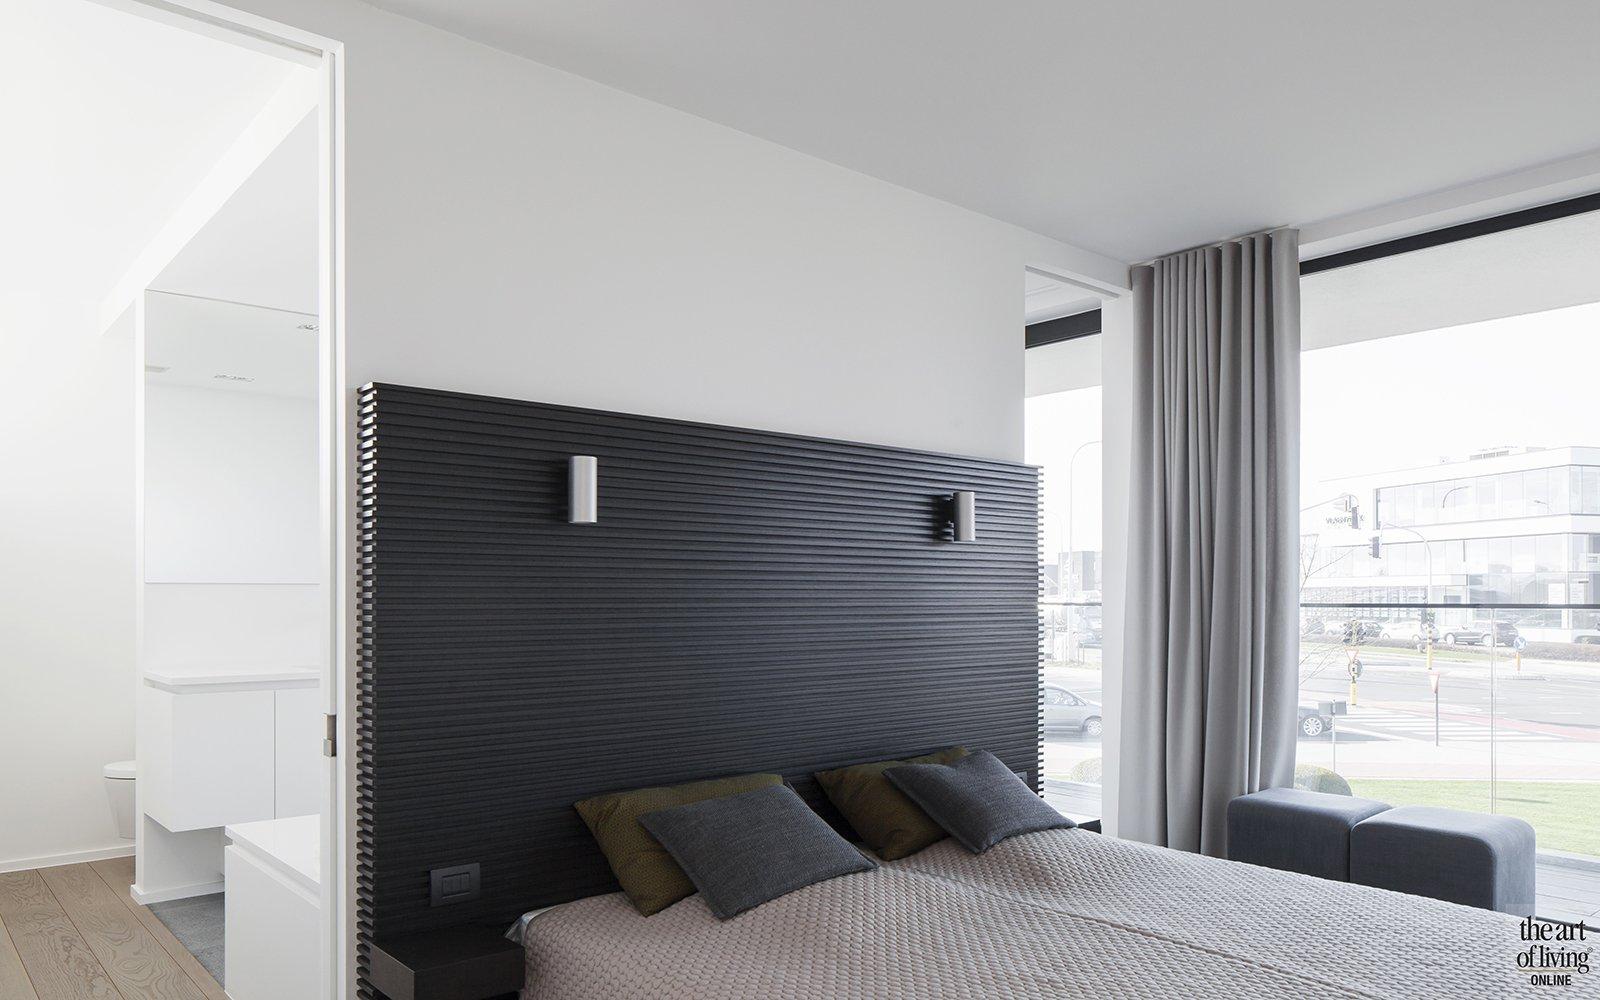 Architectenbudo Berkein, bed, slaapkamer, strak, modern, hedendaags, exclusief, The Art of Living Online